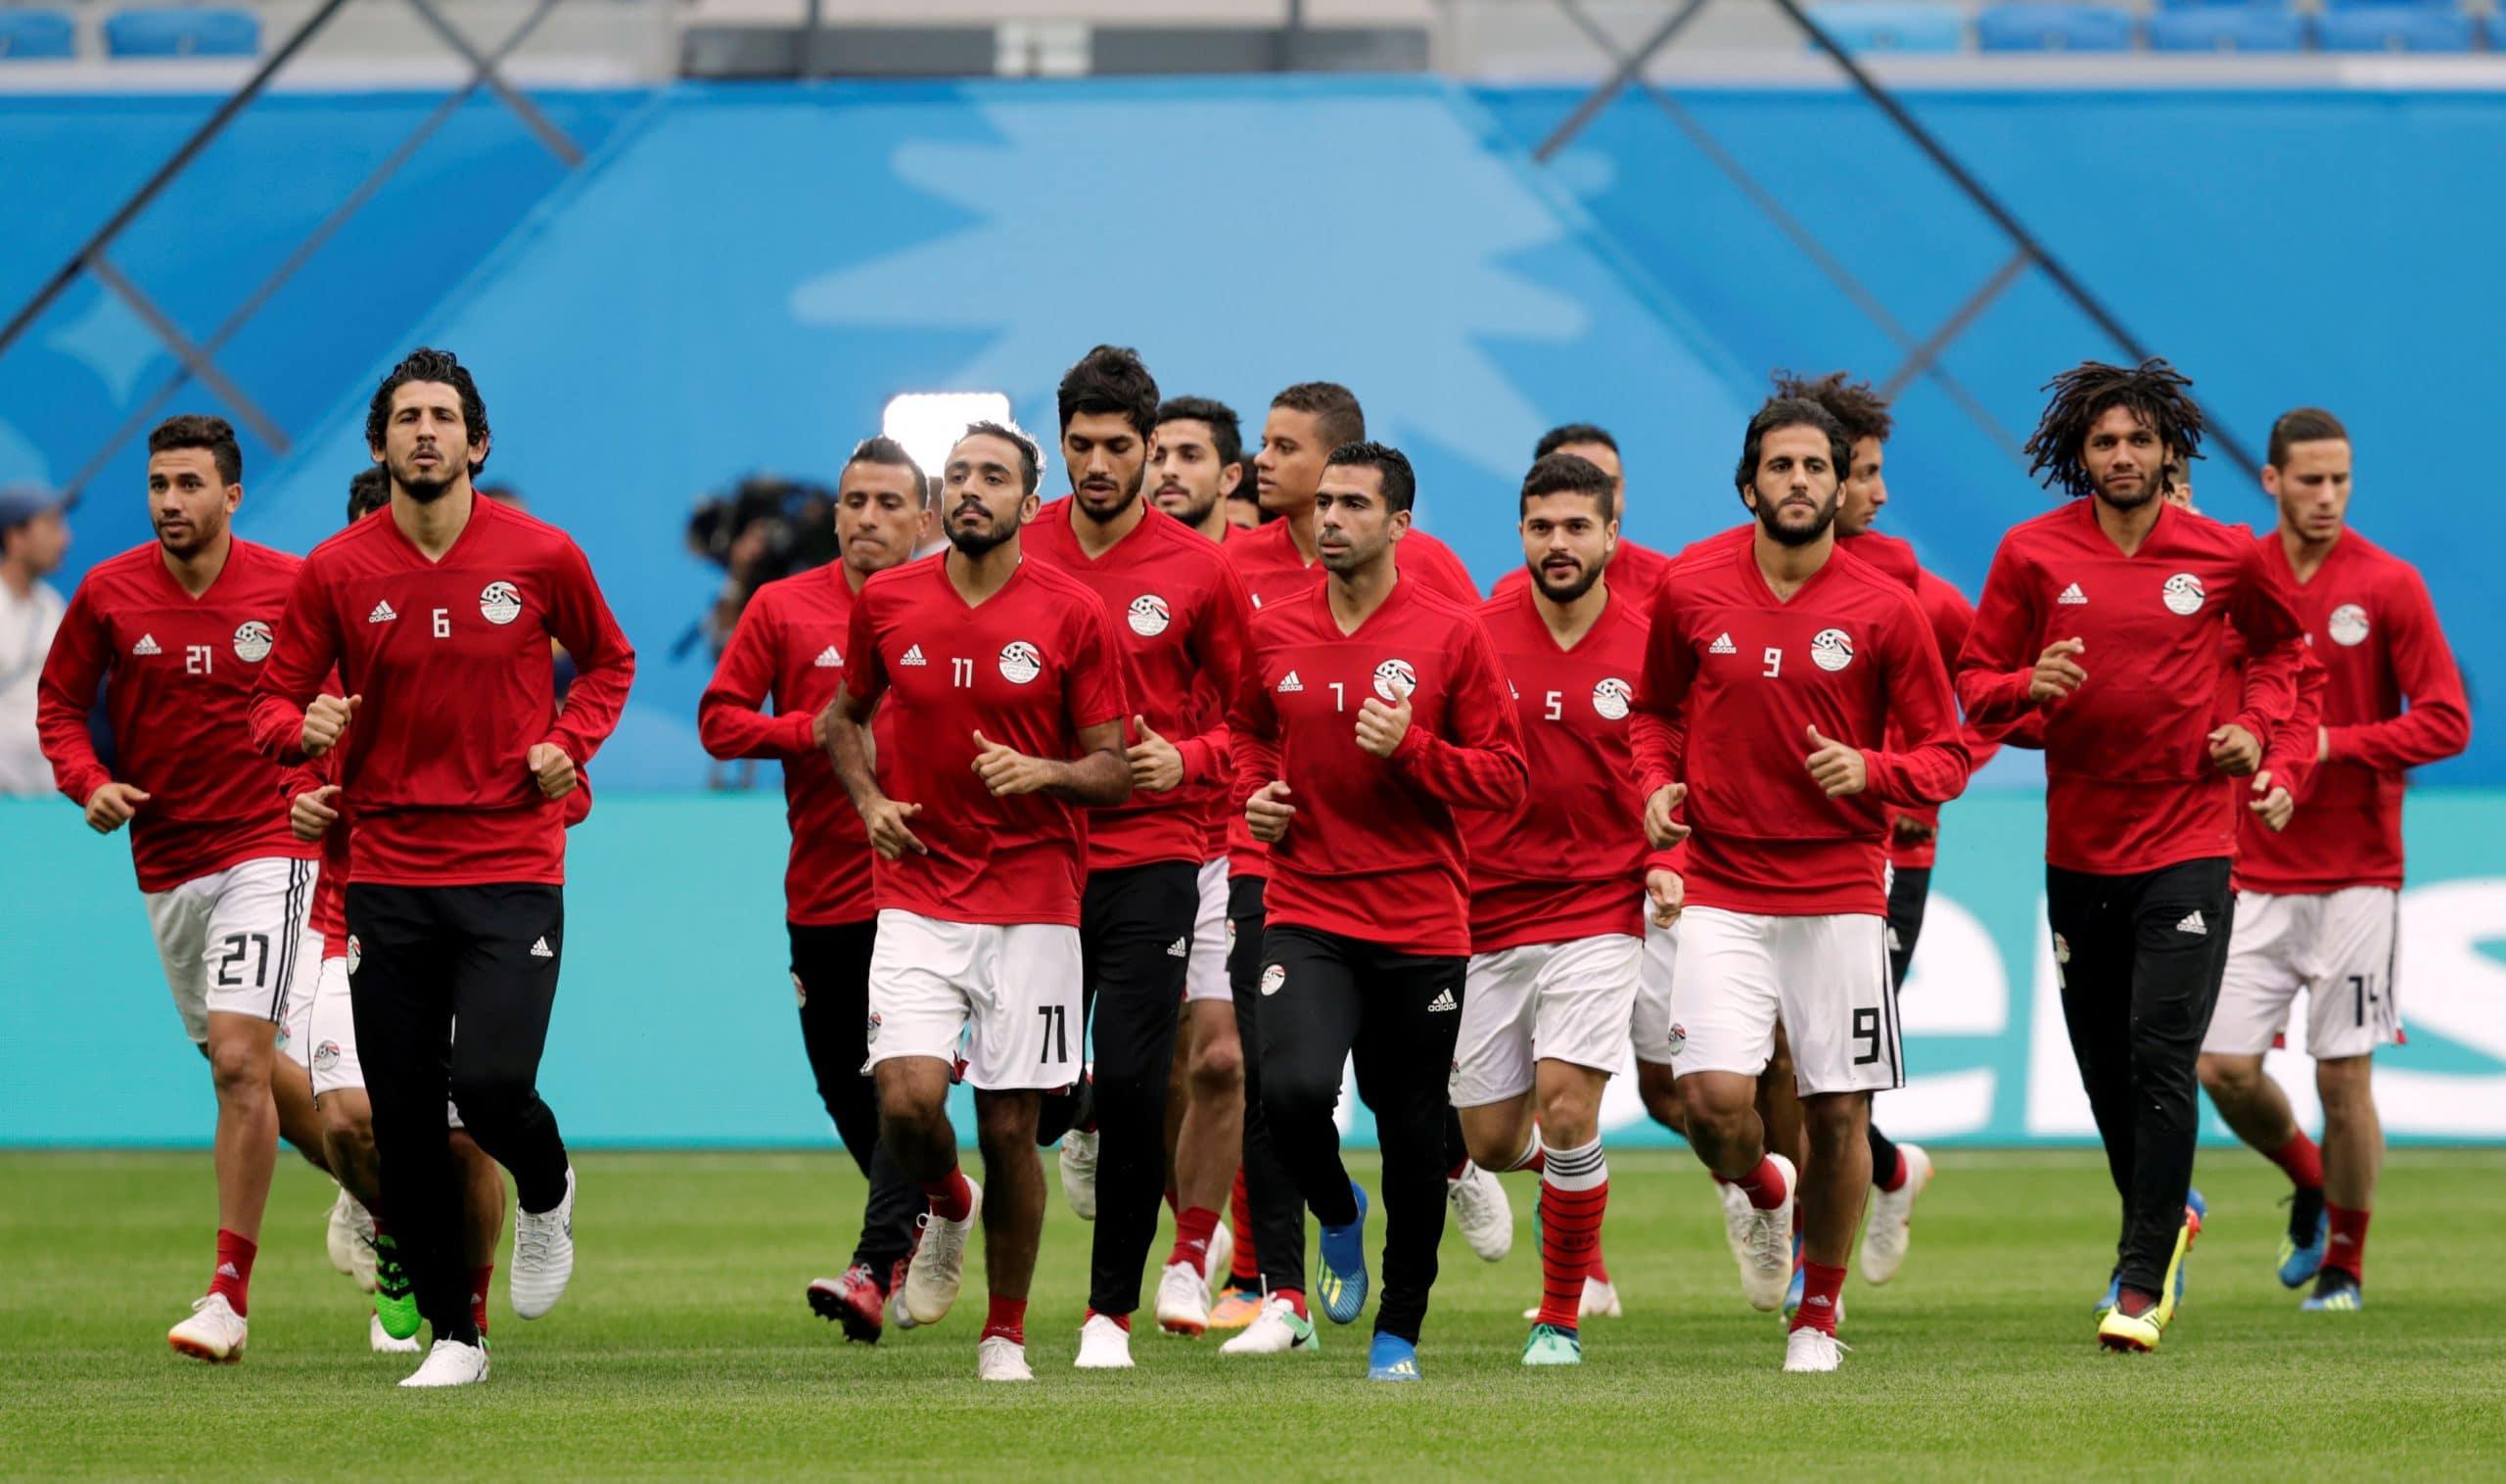 الاتحاد المصري وتعيين مدرب جديد لقيادة تدريب منتخب مصر